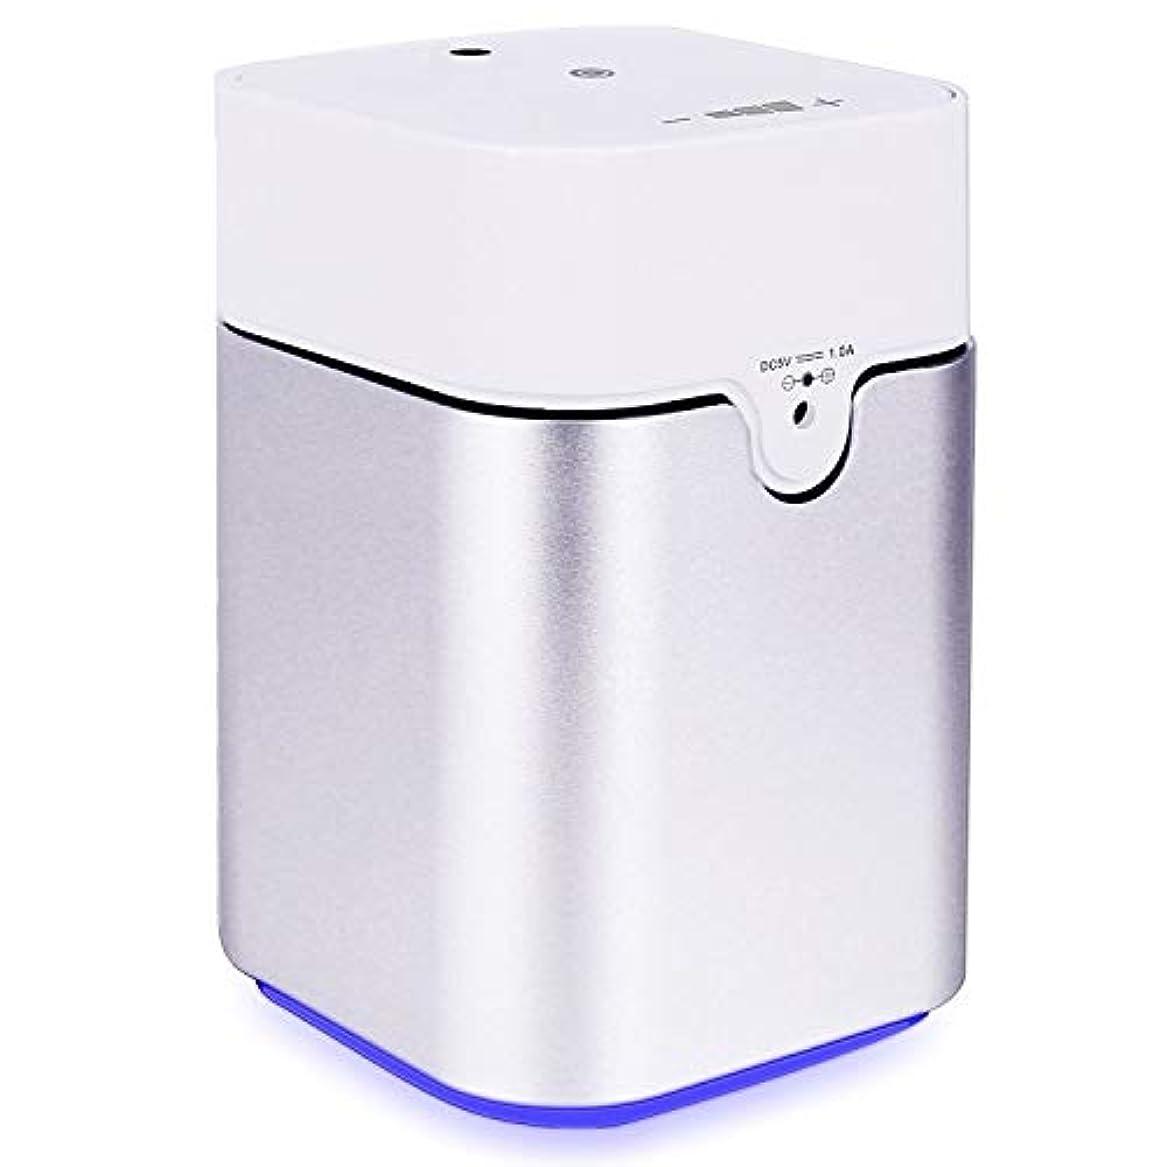 議題飼いならすクラッチENERG e's Pure アロマディフューザー ヨガ室 整体院人気 タイマー機能 ネブライザー式 量調整可能 精油瓶3個付き T11-ENS082